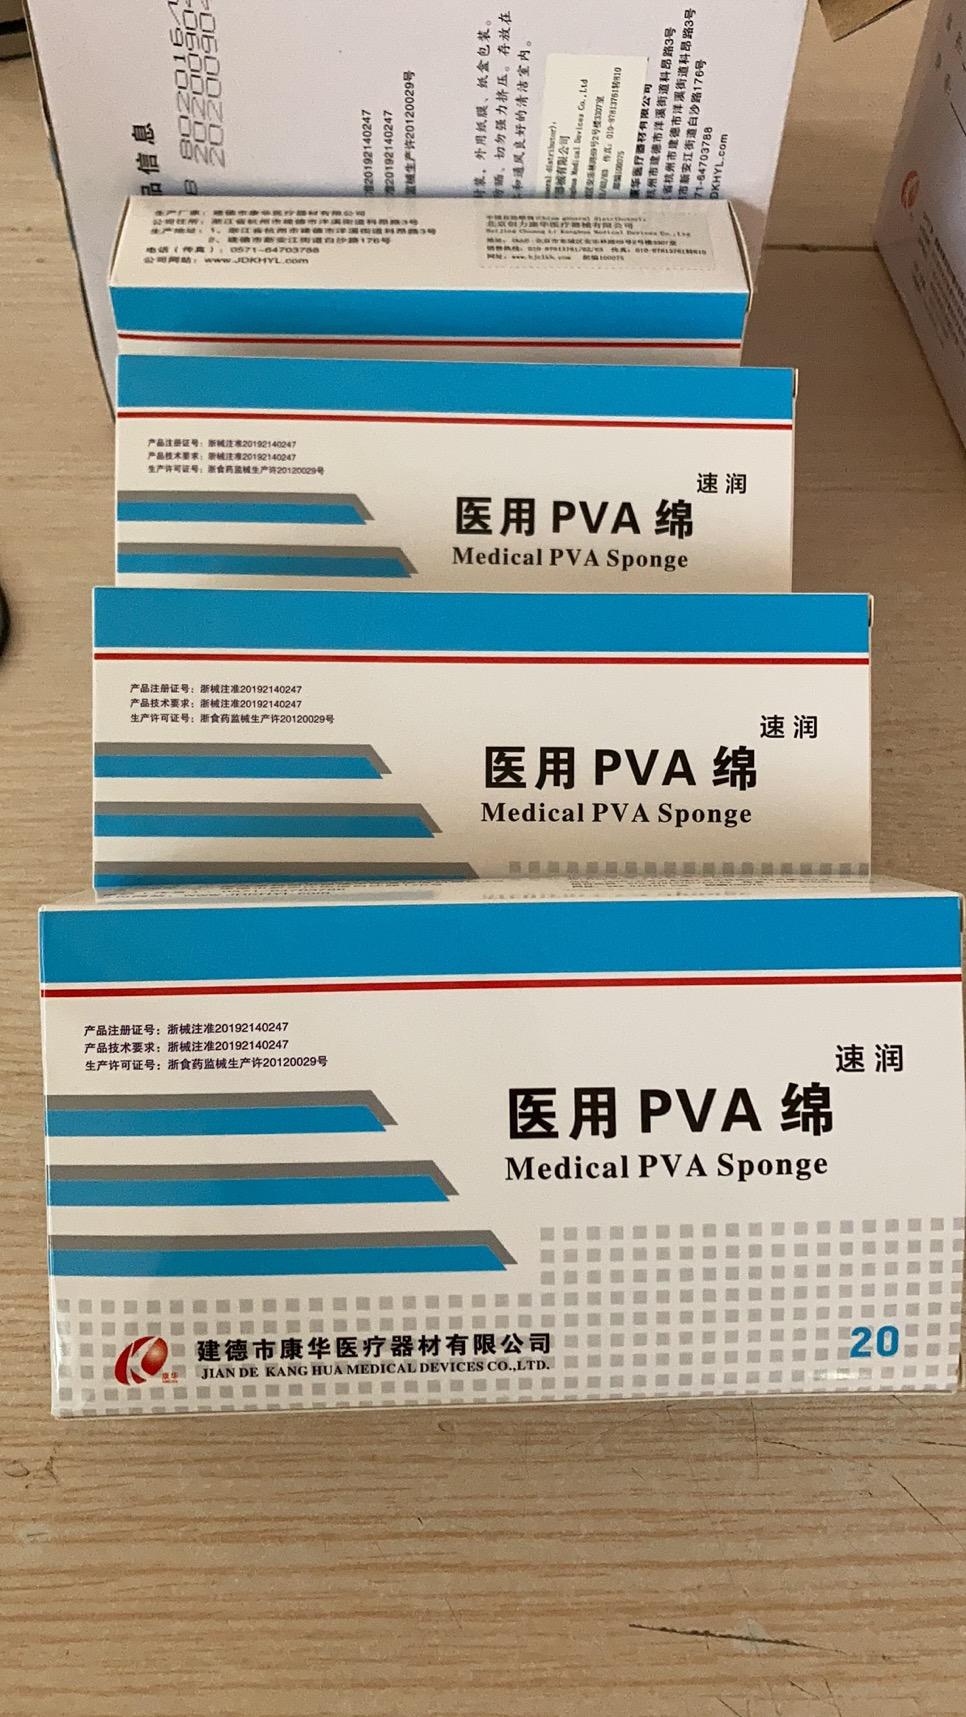 醫用PVA綿.jpg